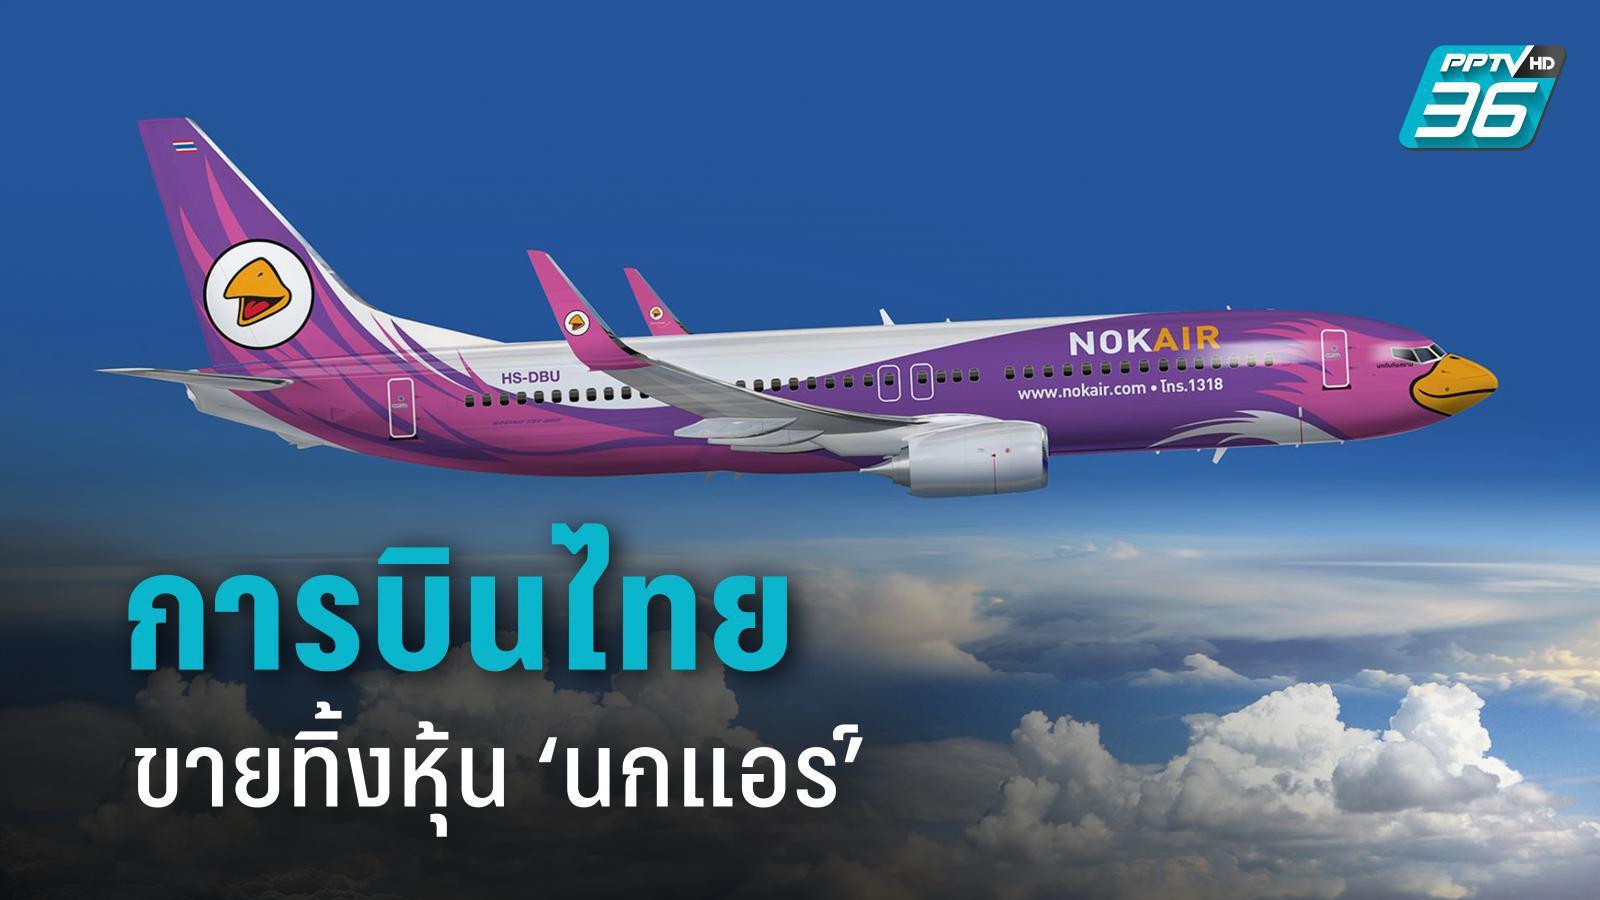 การบินไทย ขายหุ้นนกแอร์-ศูนย์ฝึกอบรมหลักสี่ นำเงินพยุงธุรกิจ